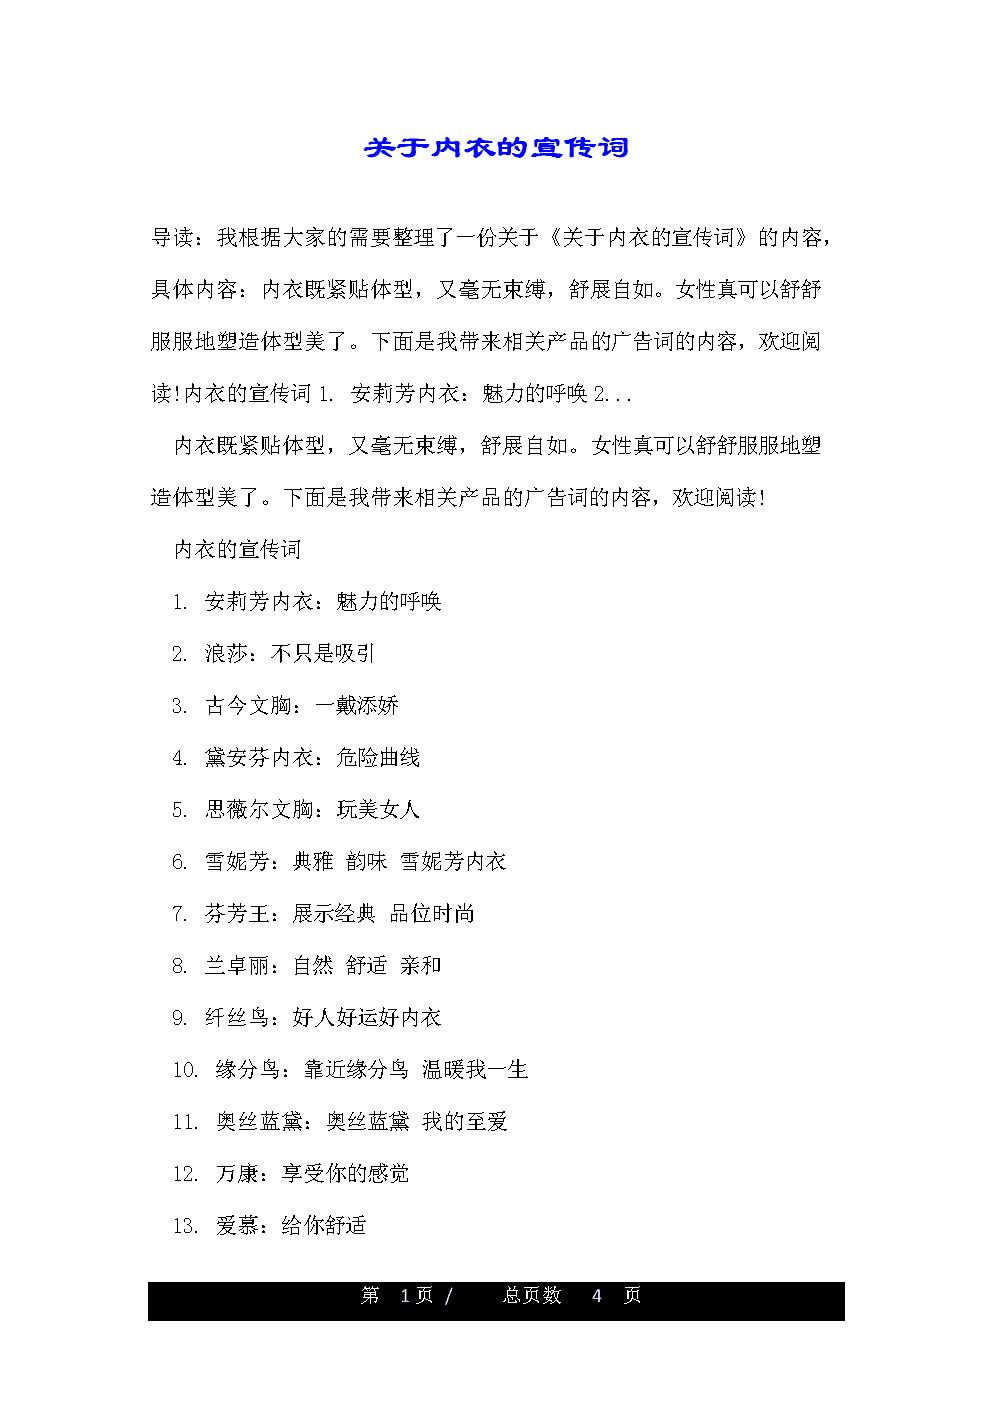 关于内衣的宣传词.doc